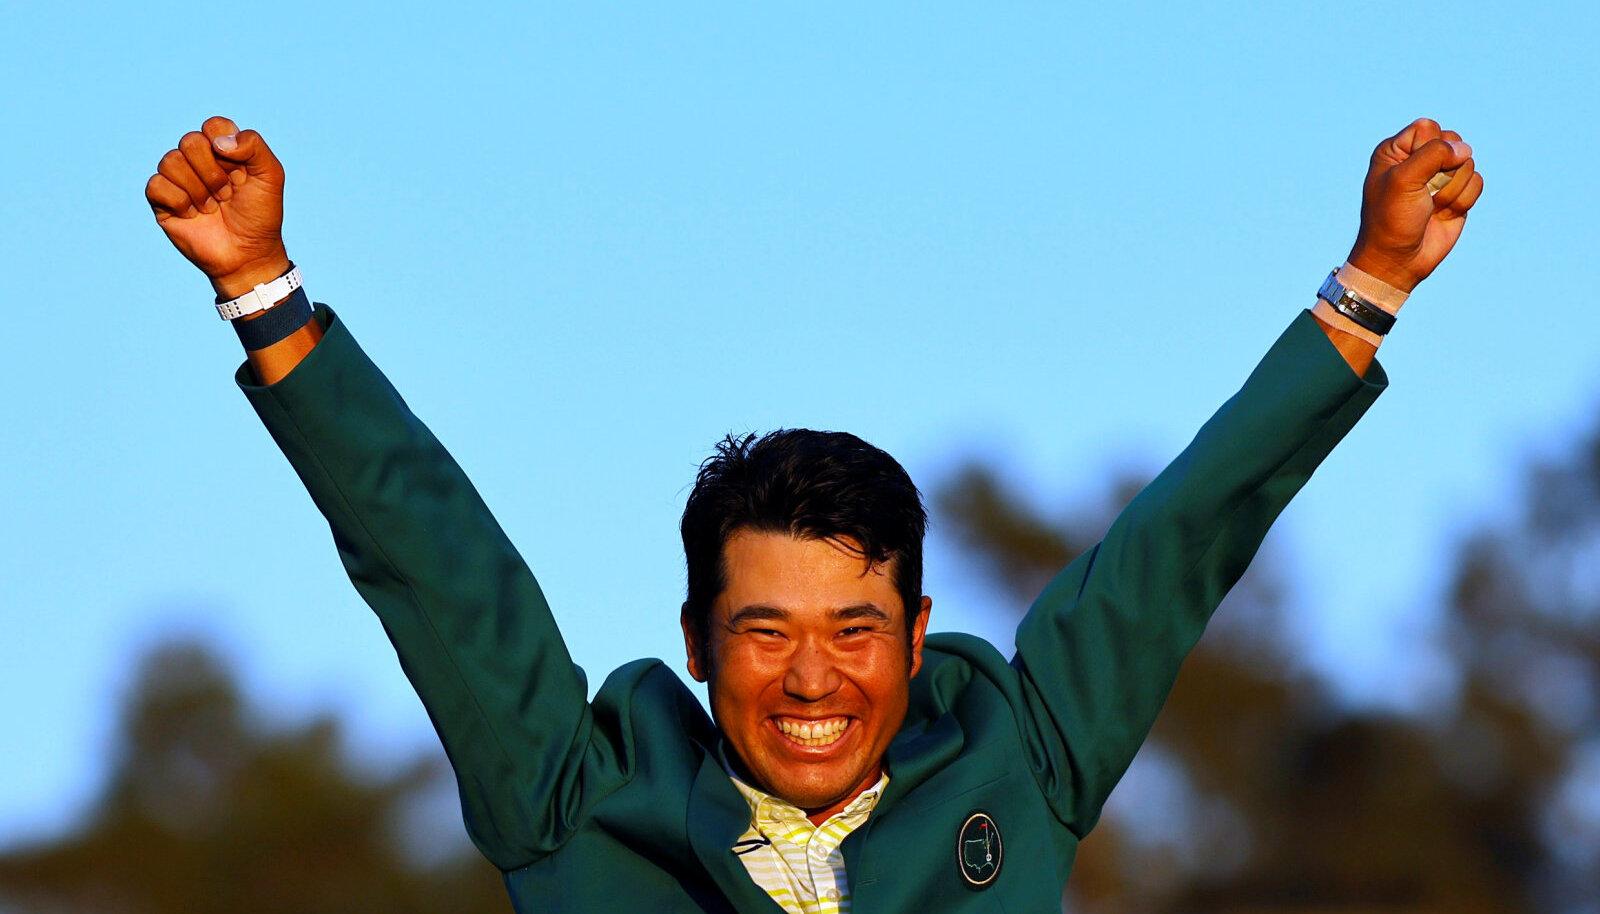 Karjääri esimese suurturniiri võitnud Hideki Matsuyama.